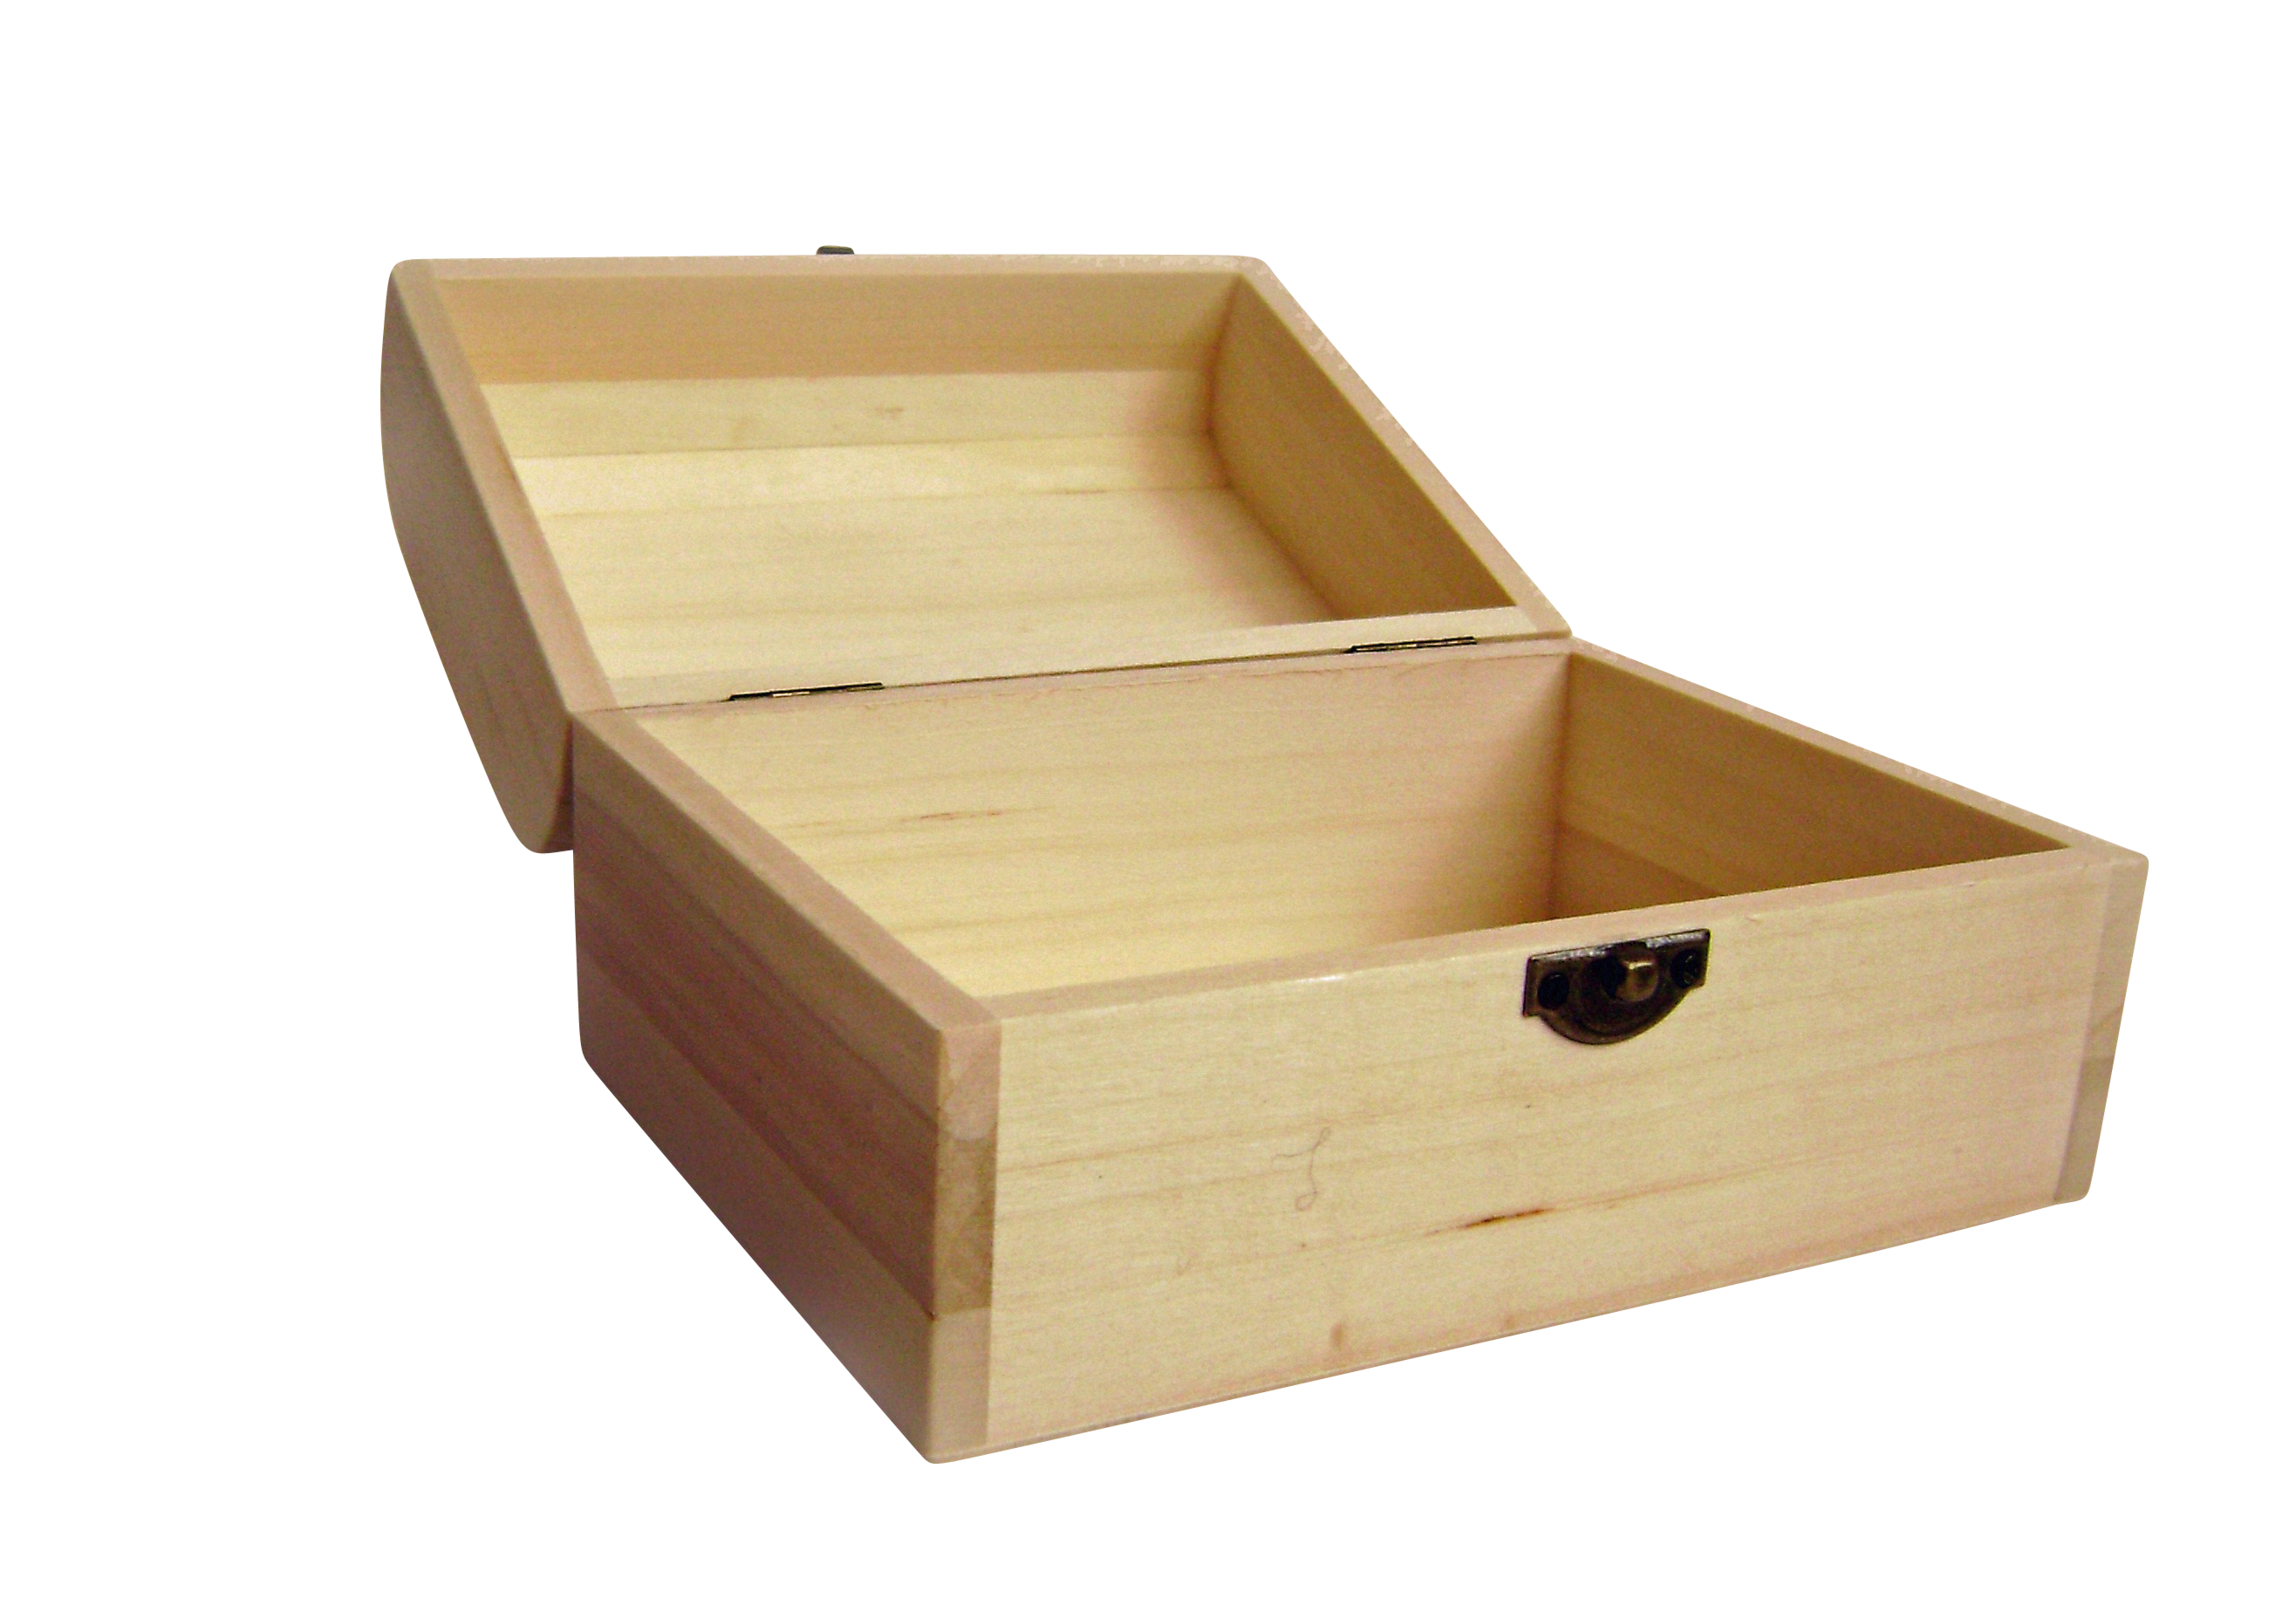 box-335443_Clip